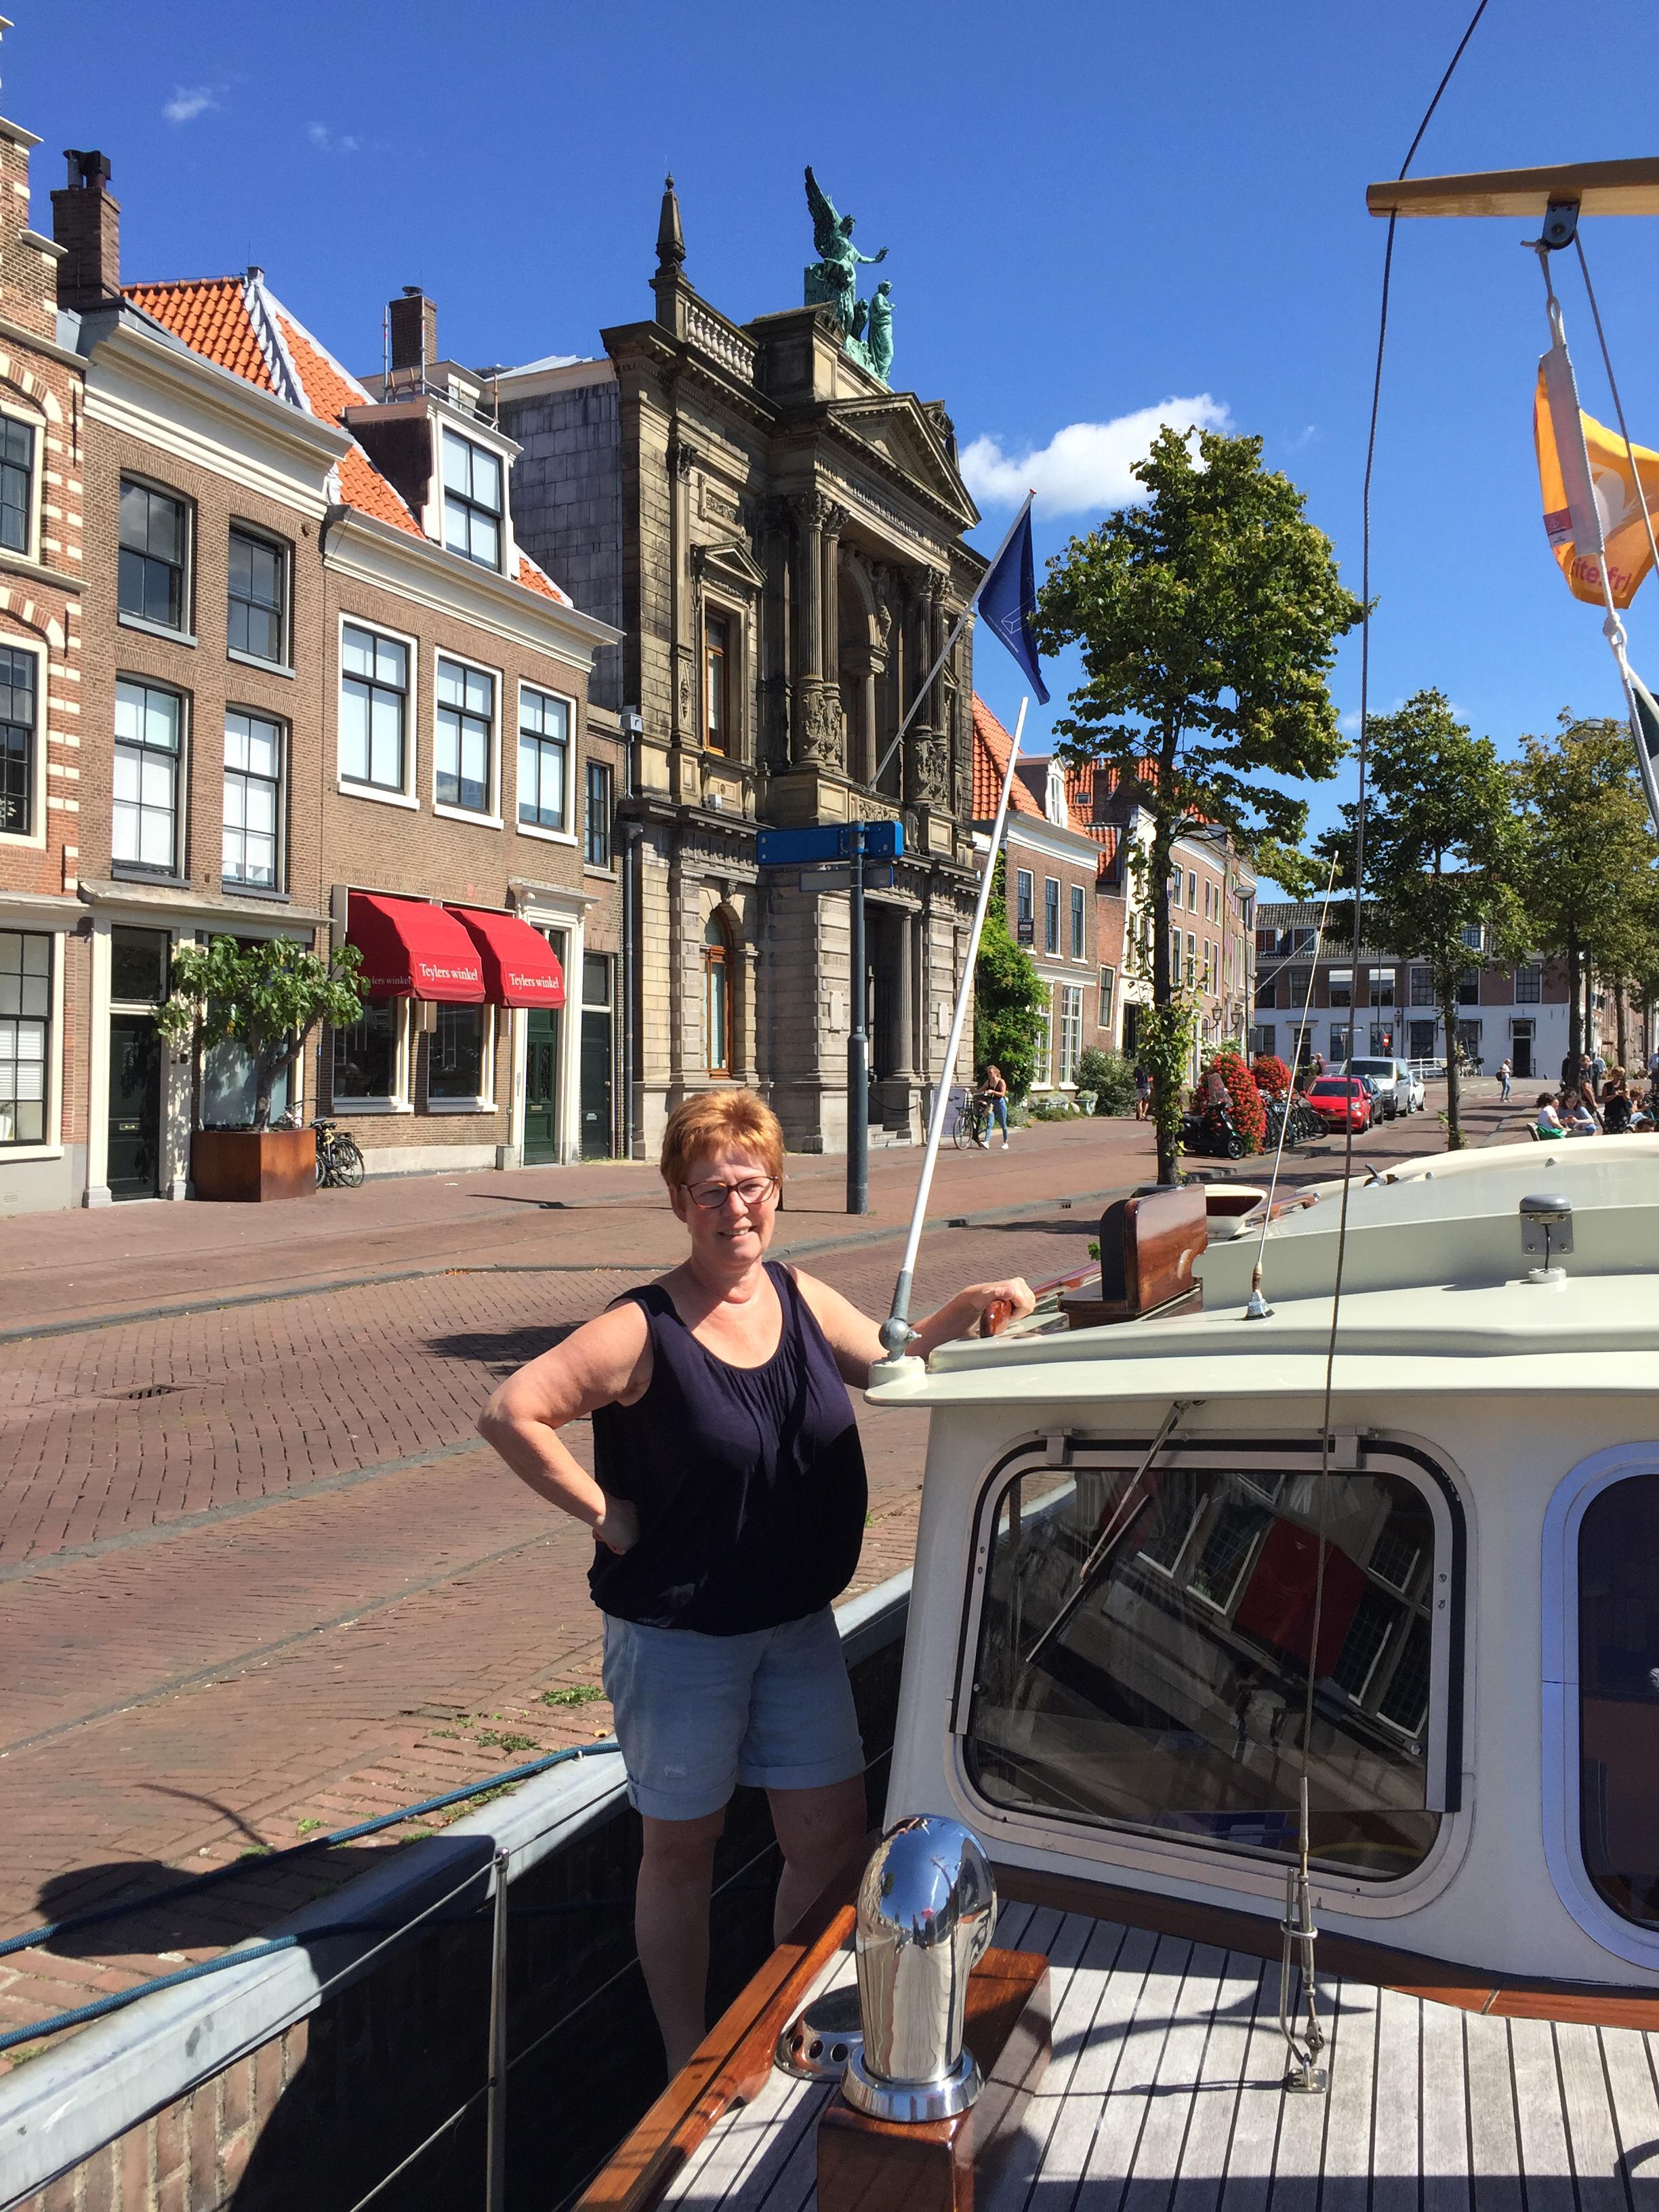 Toerist in Haarlem: 'De boot is net een caravan op het water'